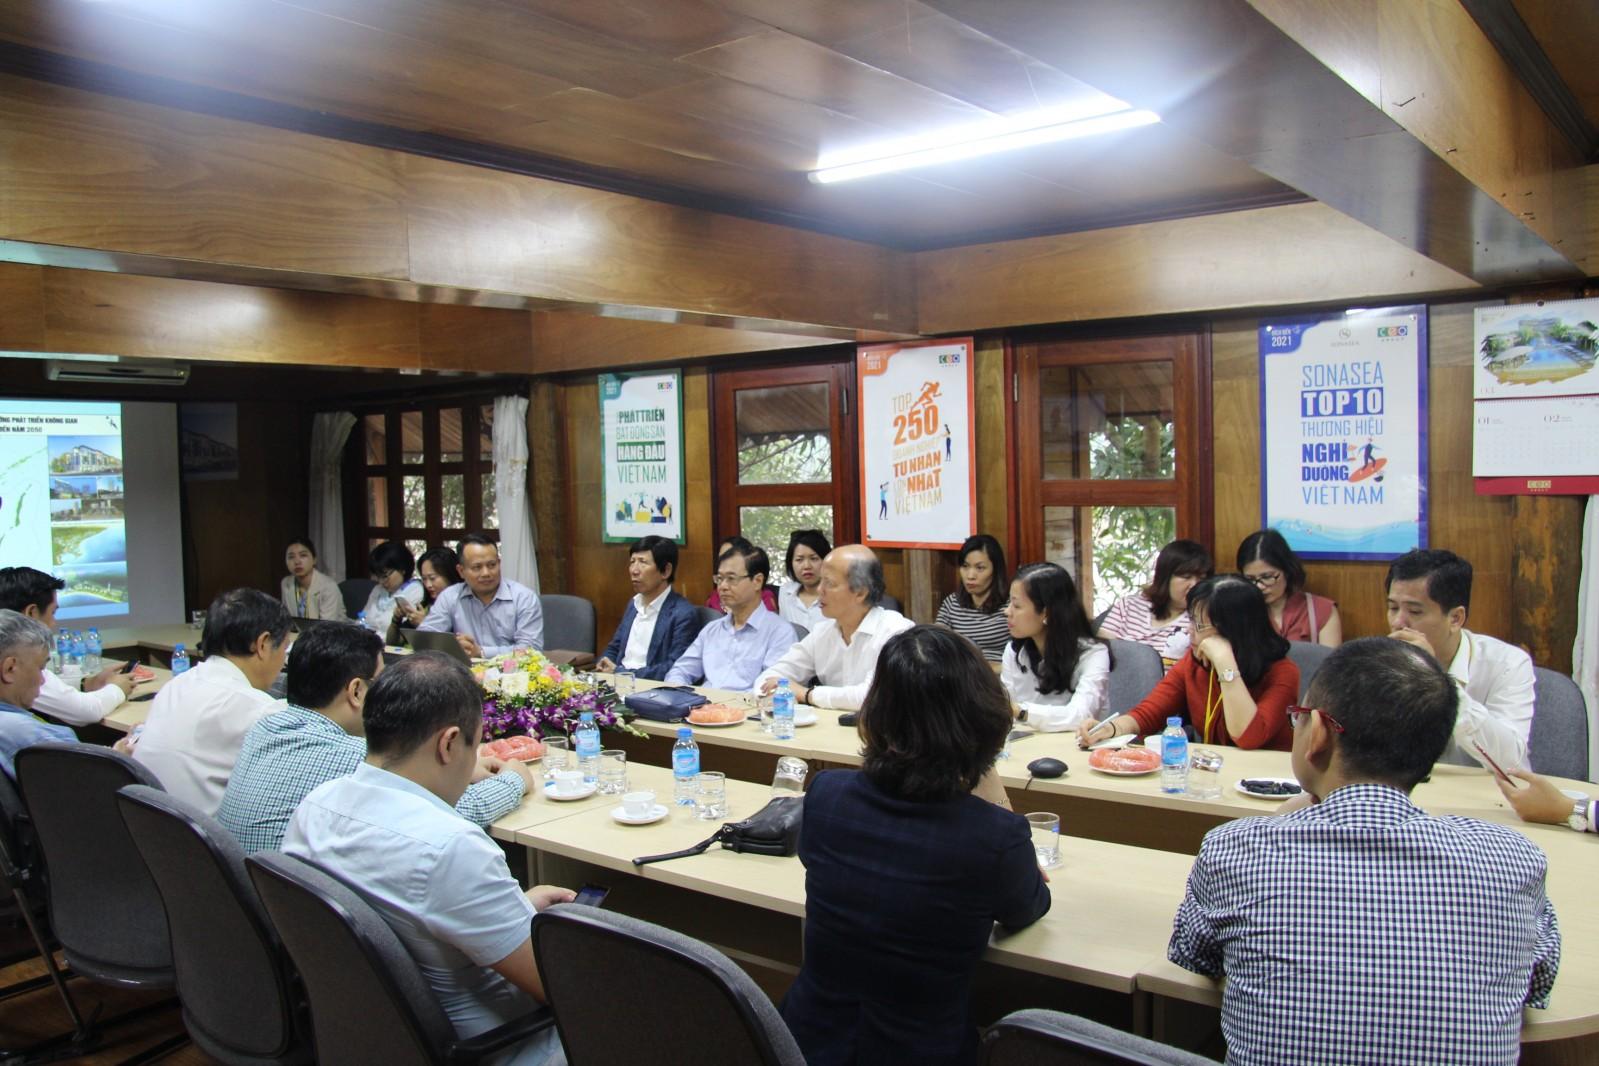 Đoàn làm việc ghé thăm văn phòng tại dự án của Tập đoàn CEO group